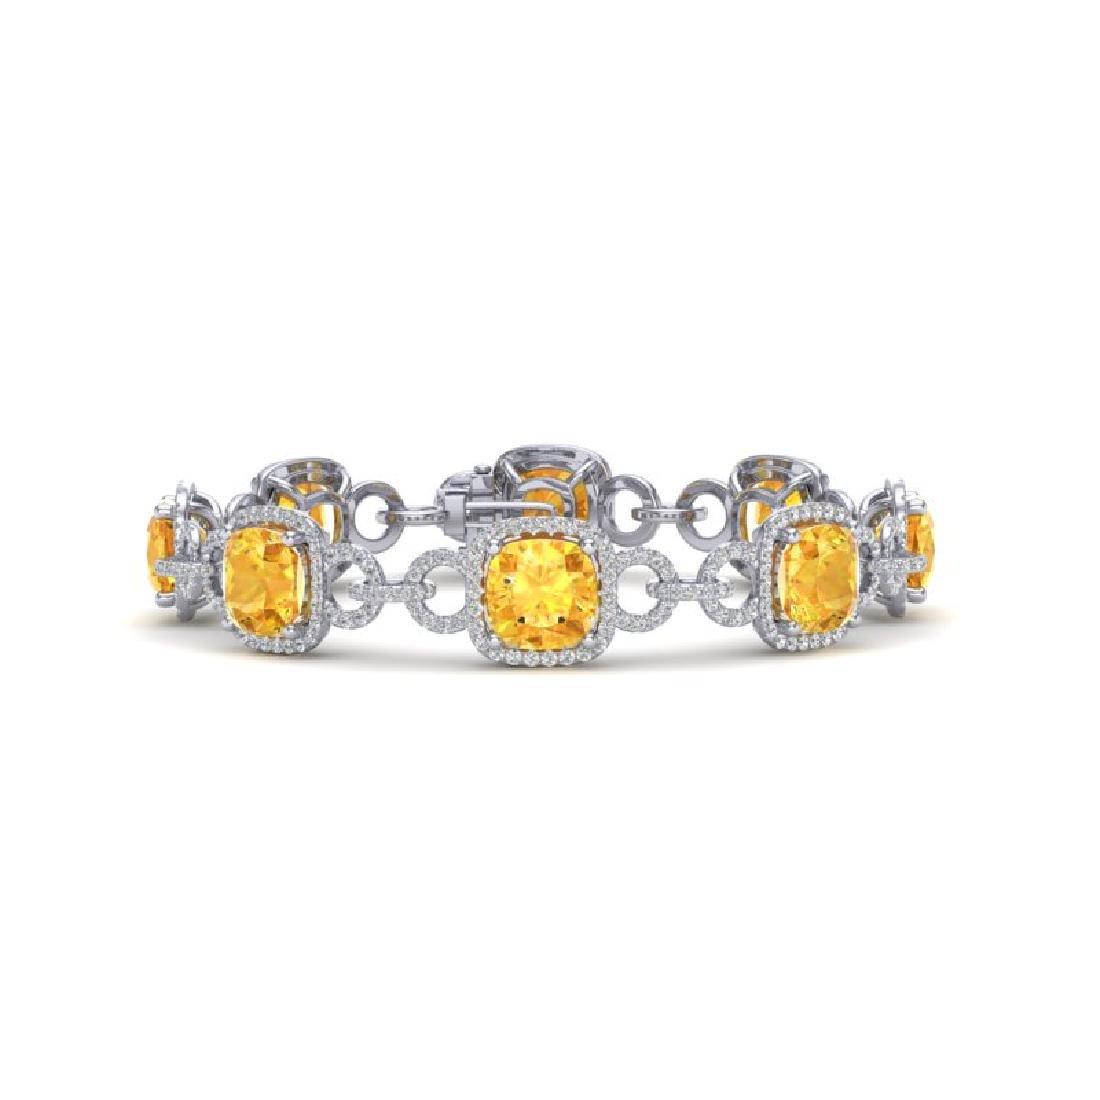 30 CTW Citrine & VS/SI Diamond Bracelet 14K White Gold